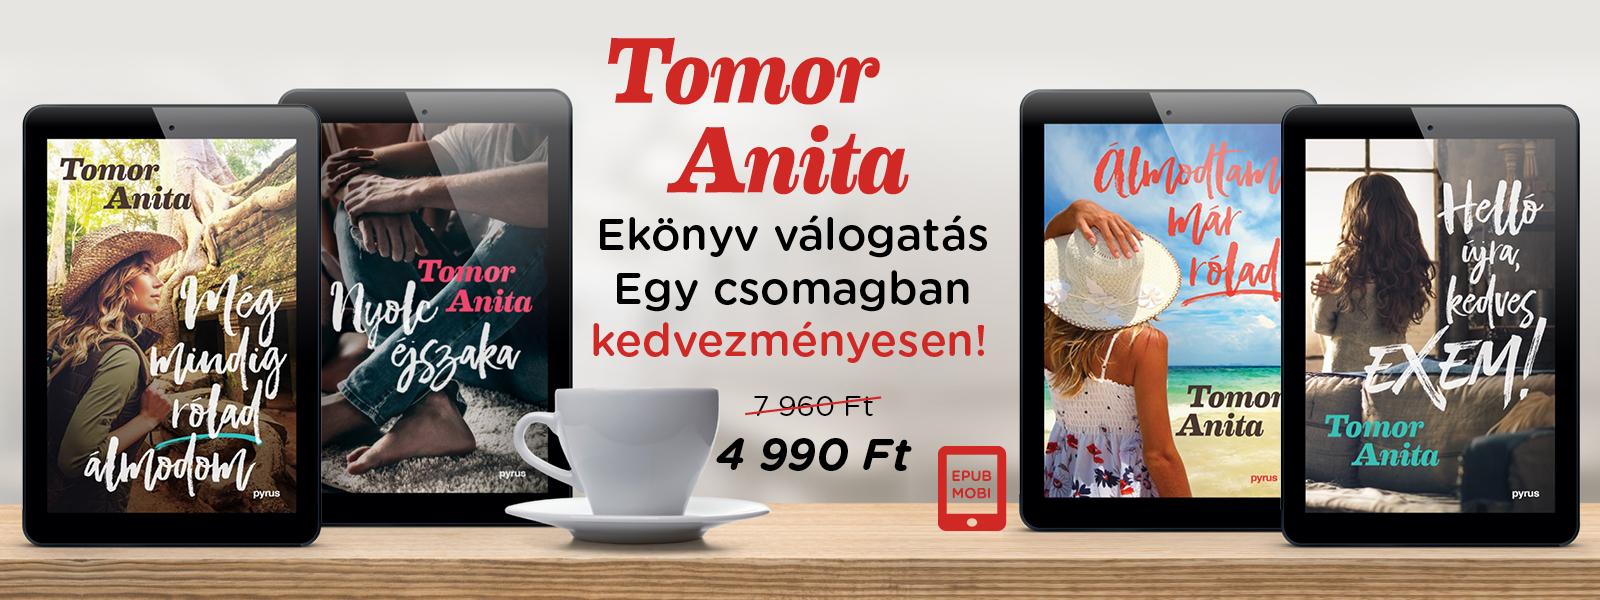 Tomor Anita ekönyv válogatás